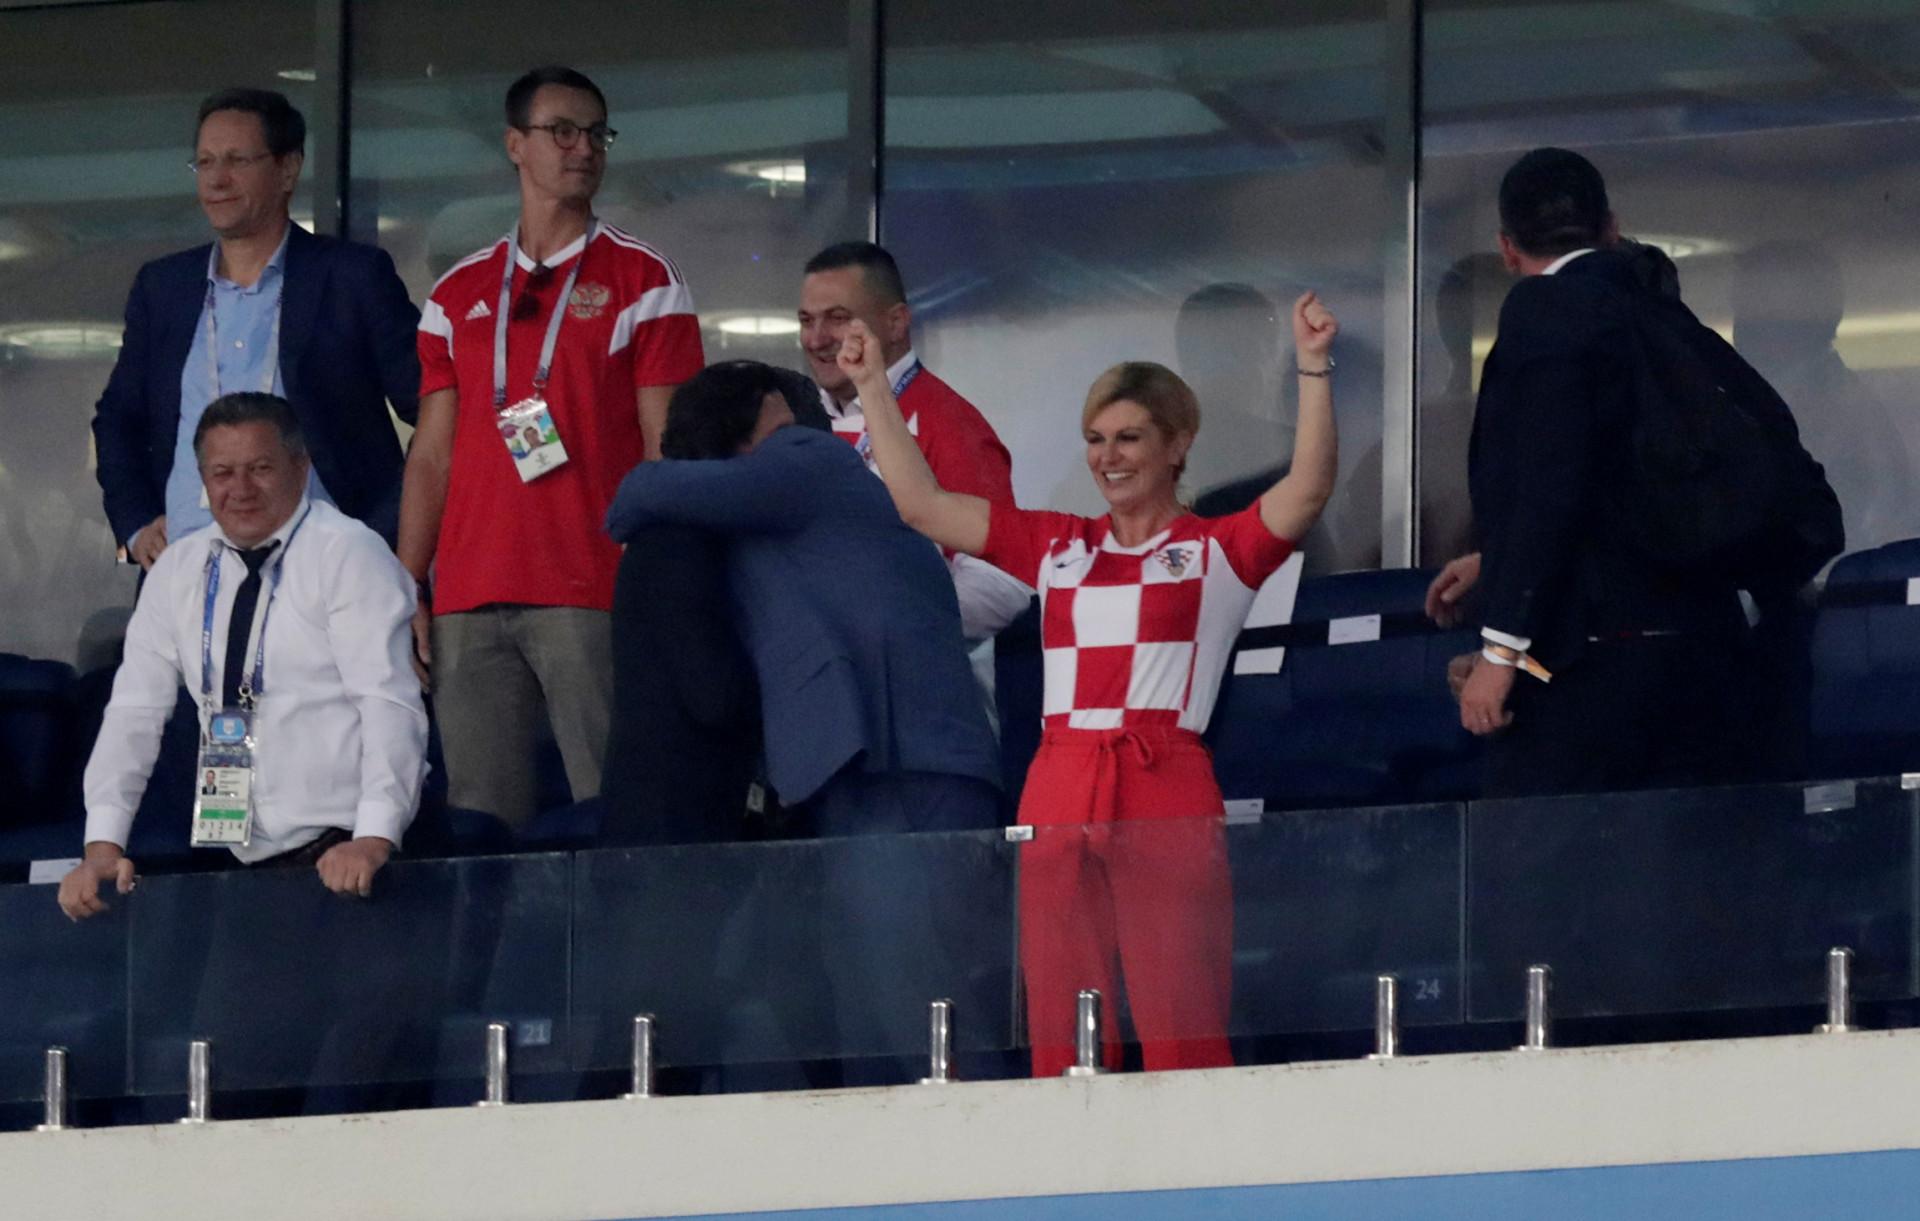 Alguns jogadores abraçaram a presidente da Croácia... com pouca roupa